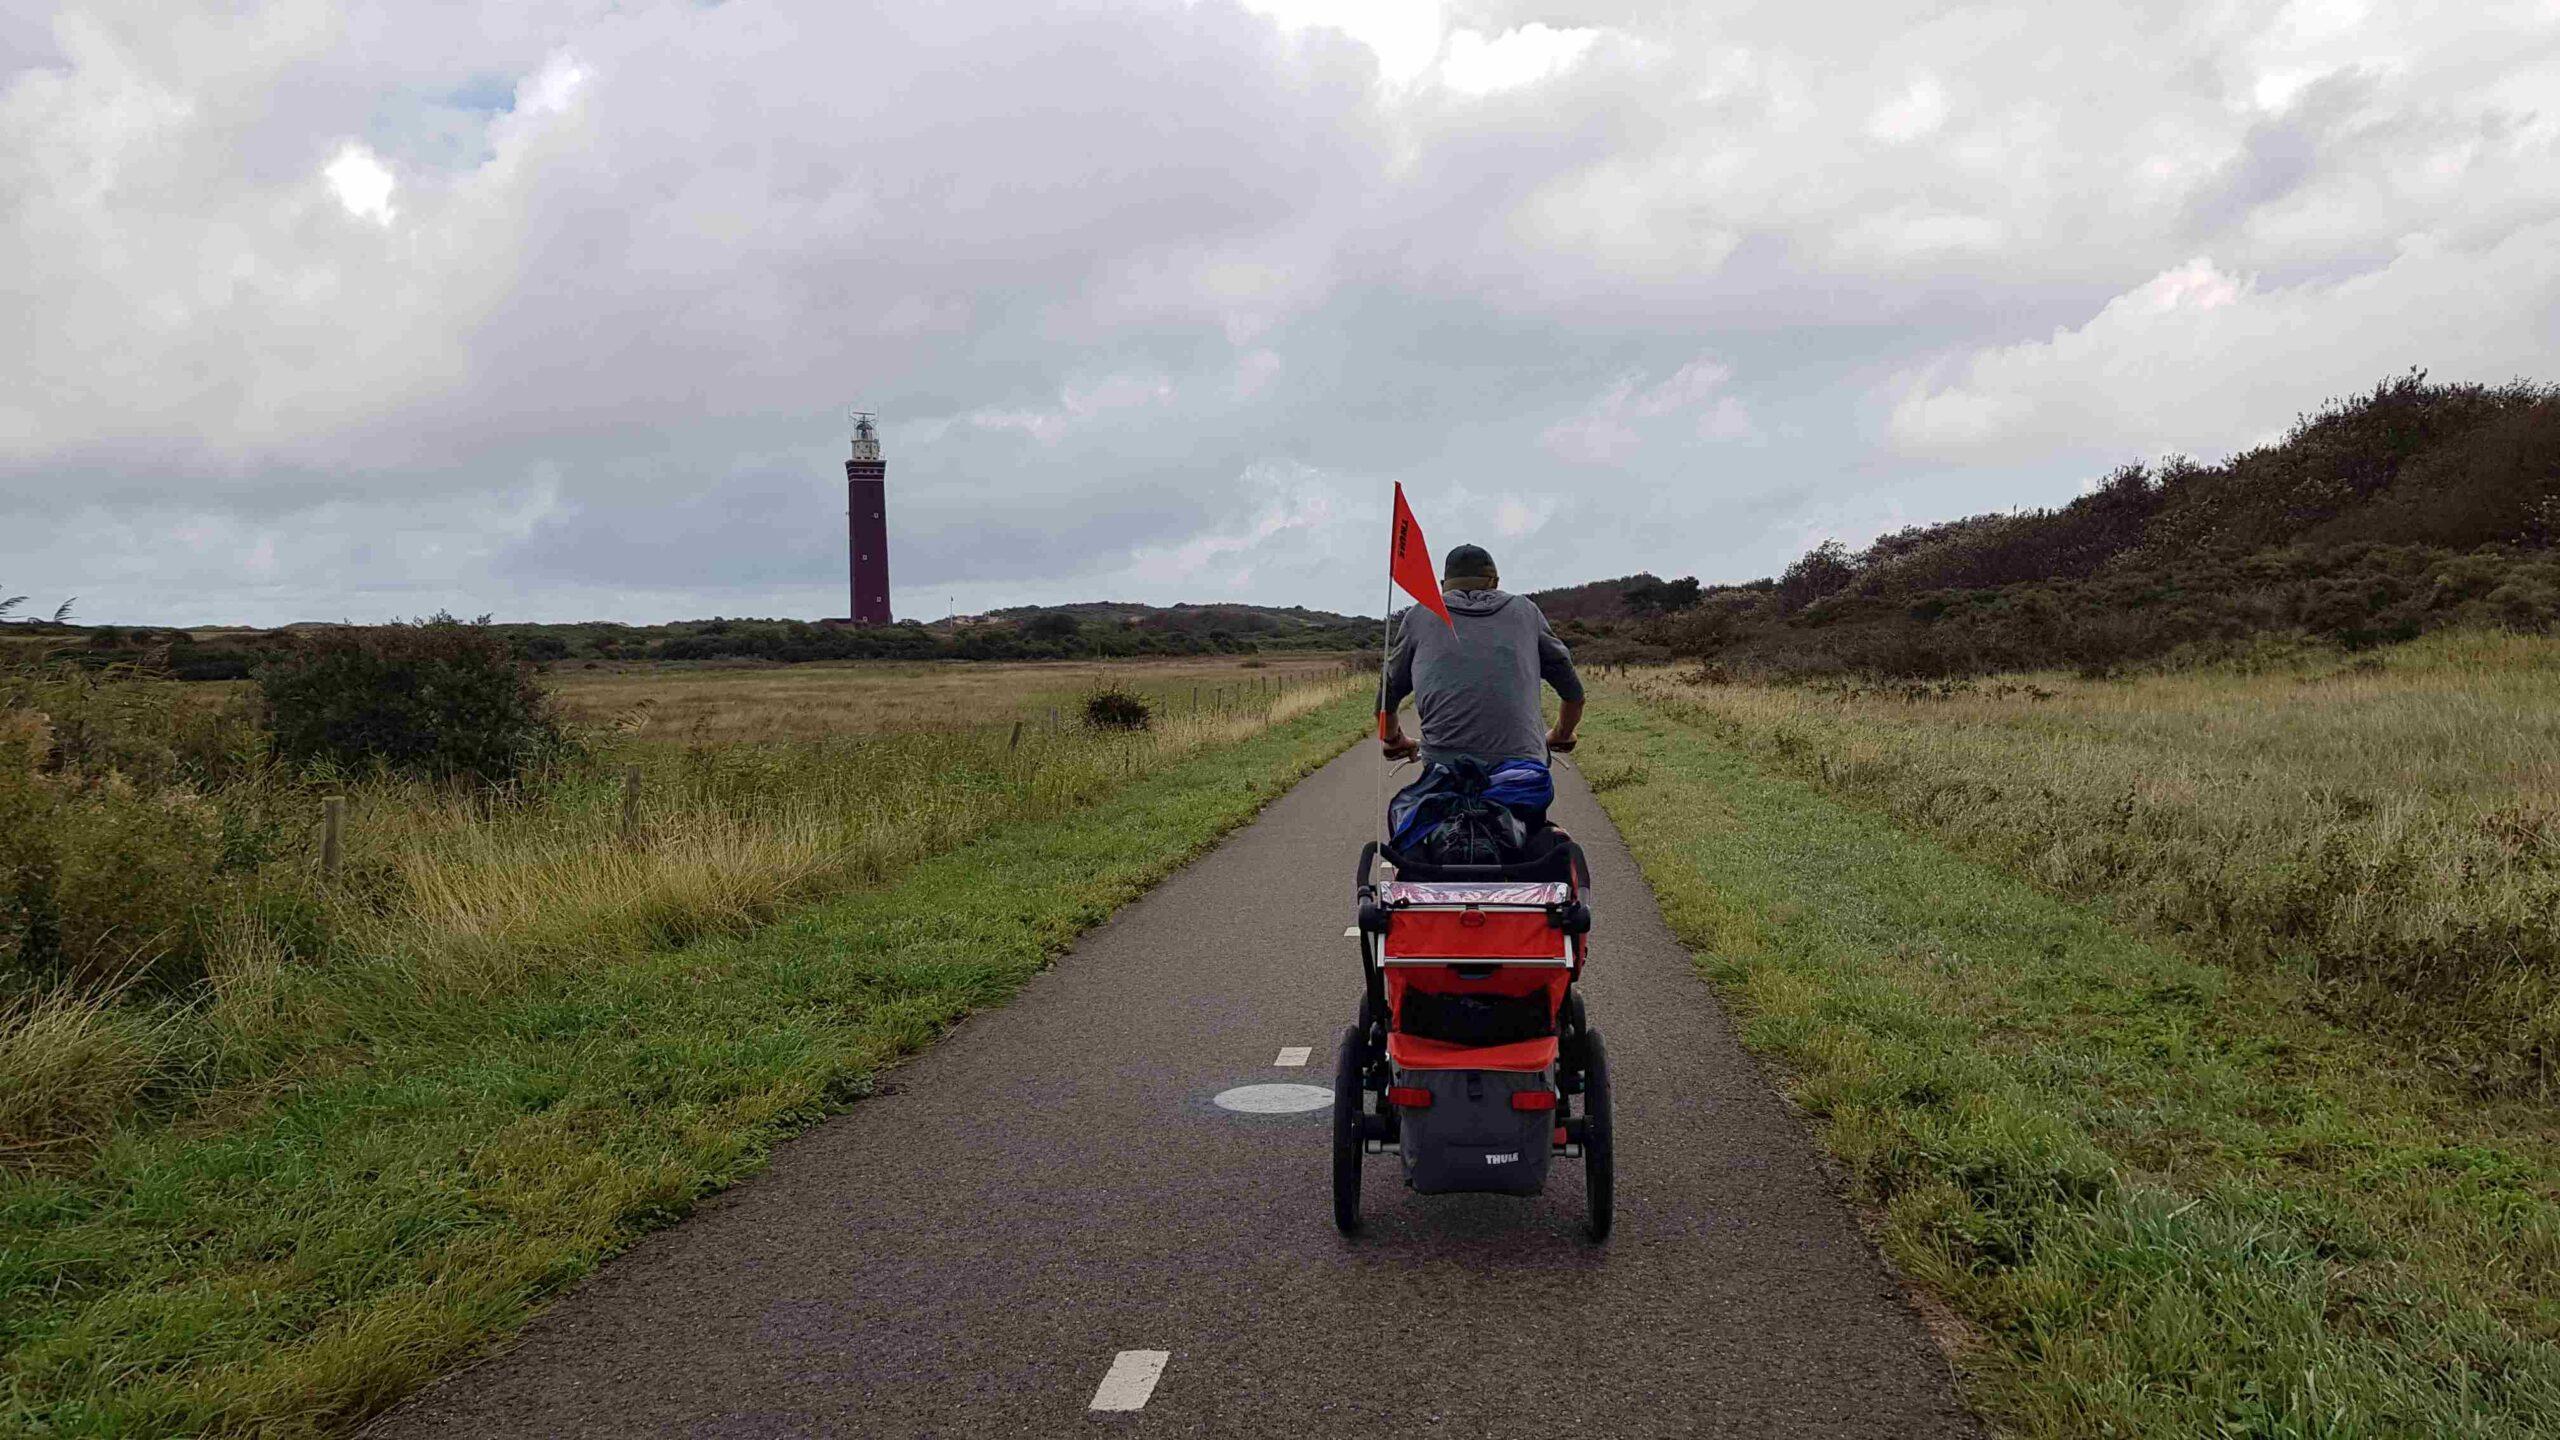 Ronde-van-Nederland-met-baby-op-de-fiets-vuurtoren-zeeland